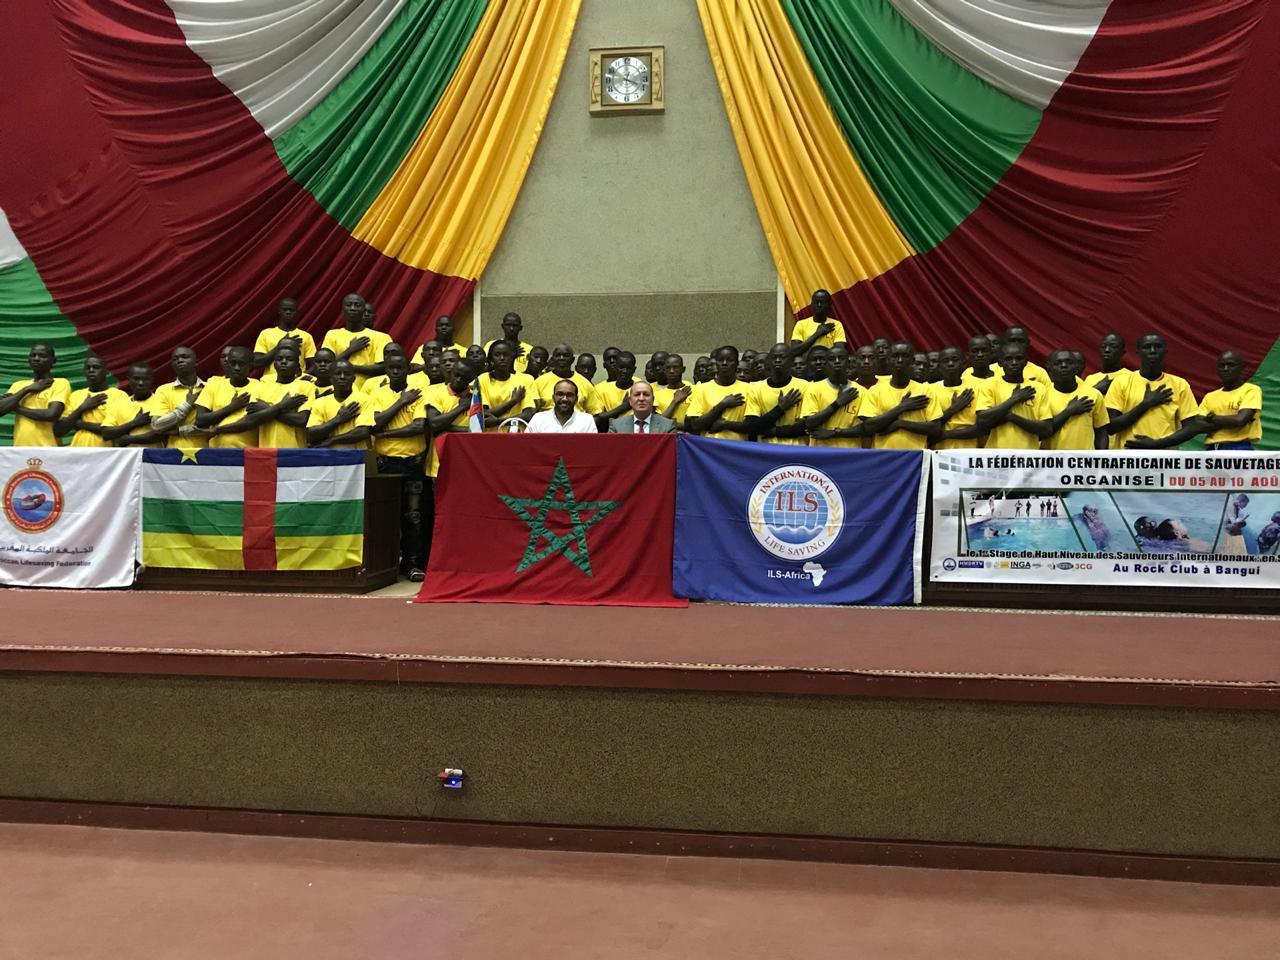 L'expertise marocaine brille lors d'une formation internationale sur le sauvetage sportif en Centrafrique